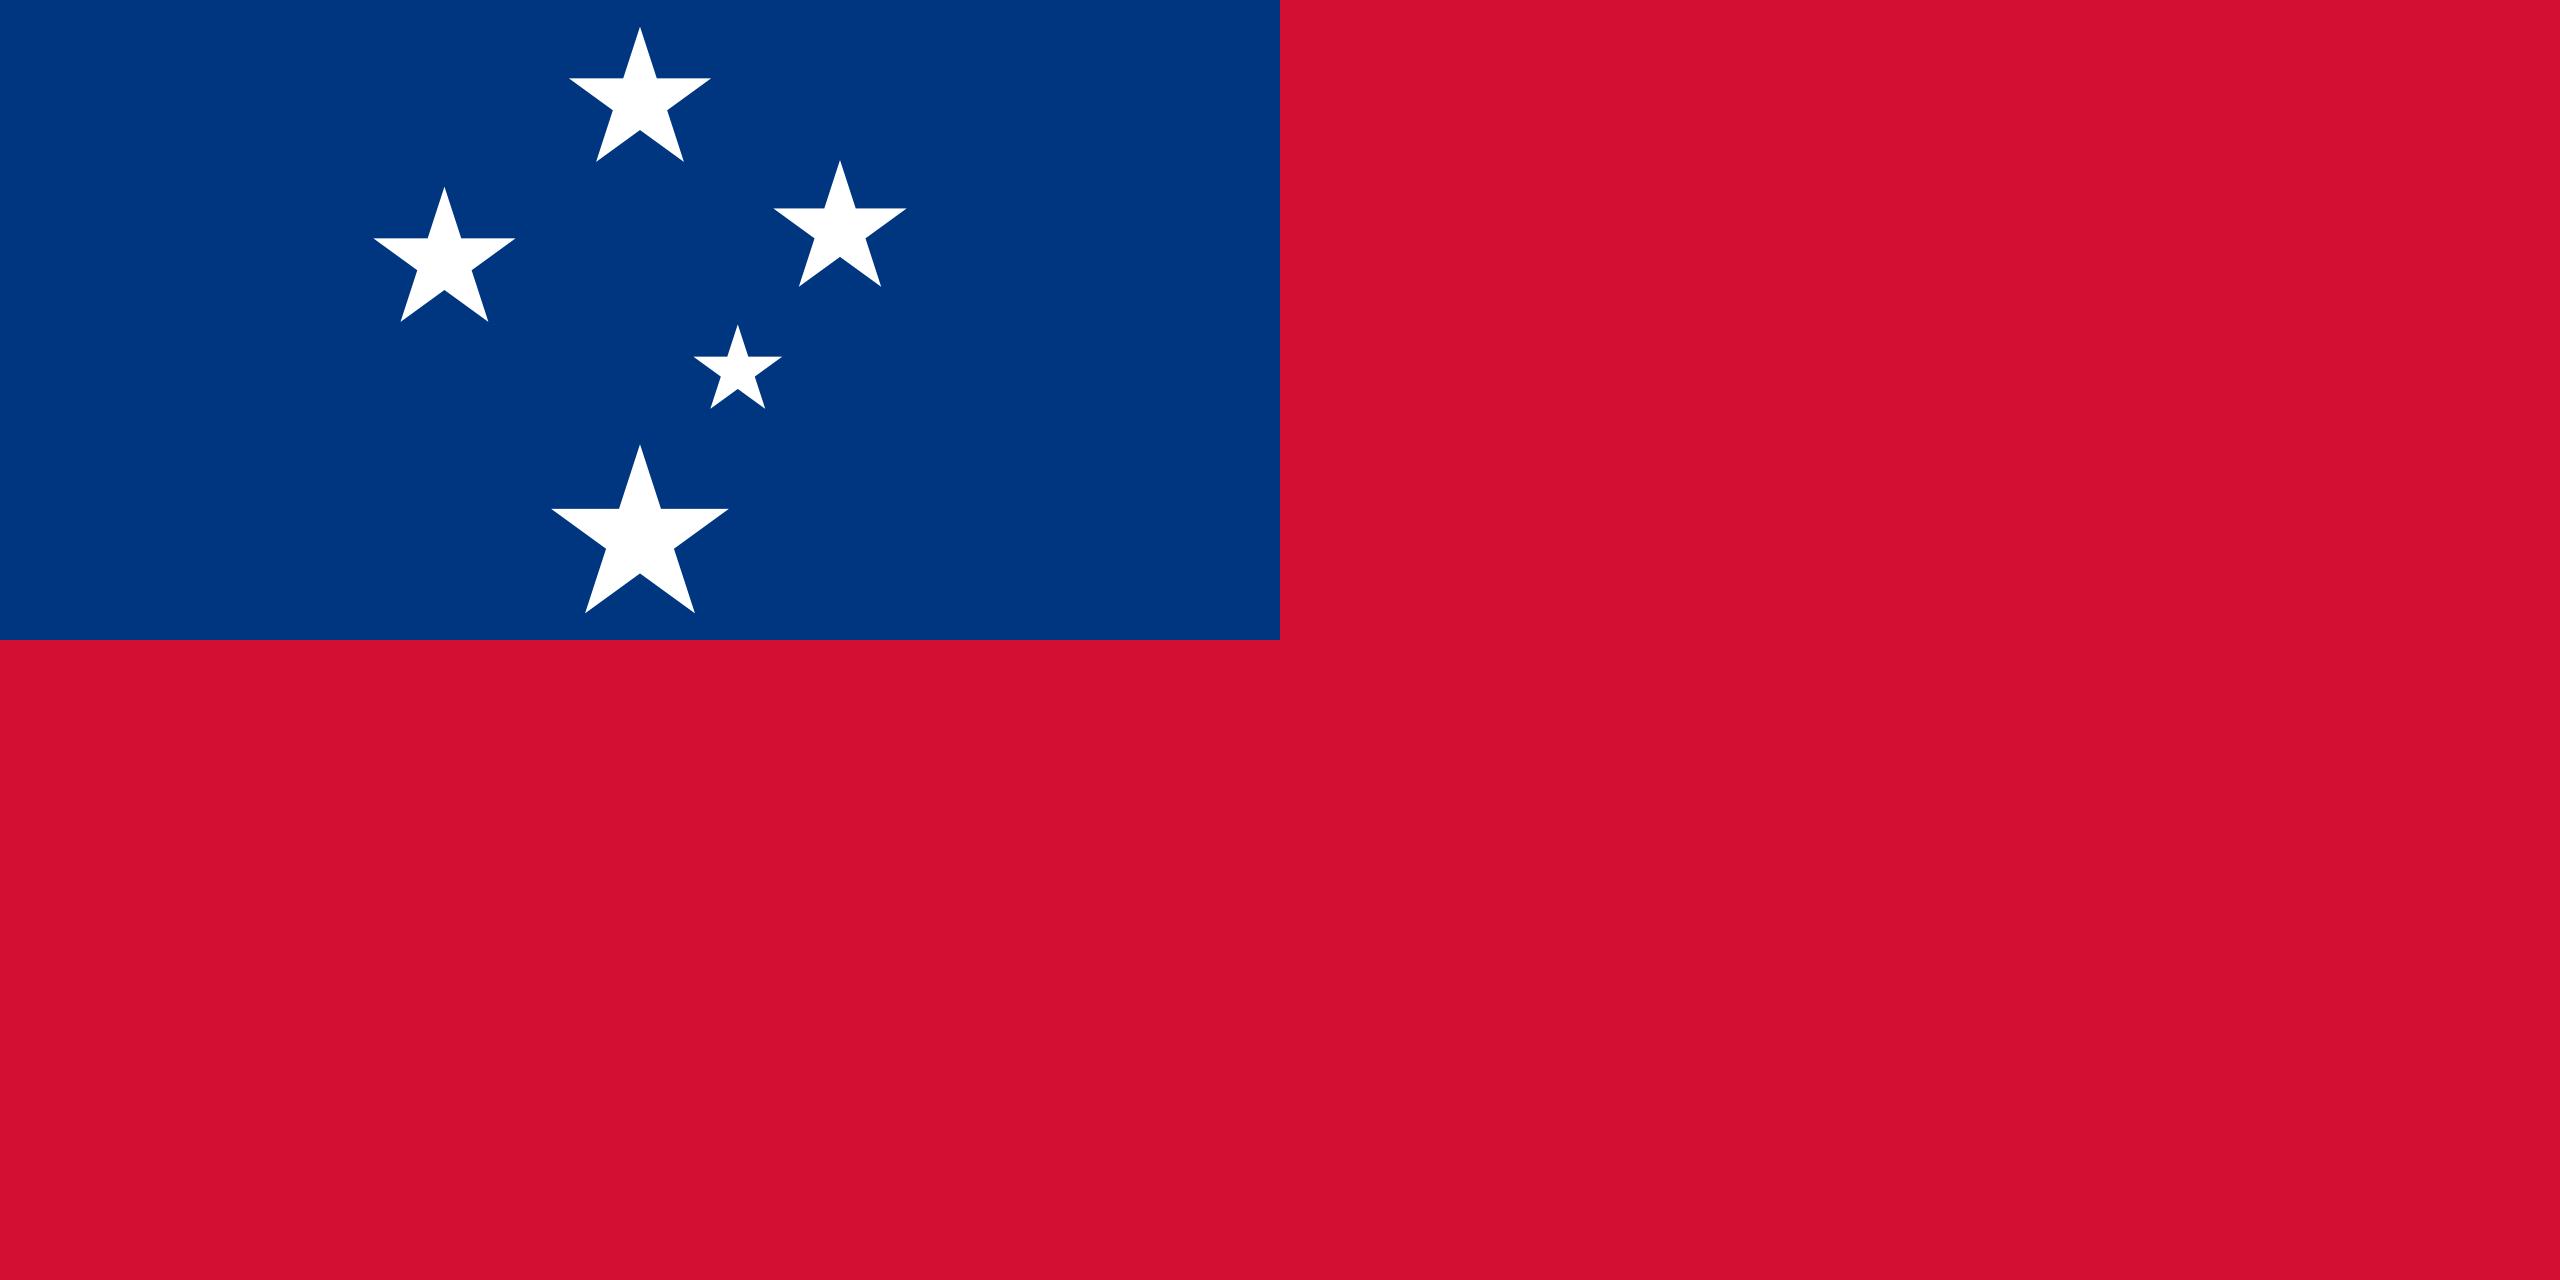 samoa, país, emblema, insignia, símbolo - Fondos de Pantalla HD - professor-falken.com